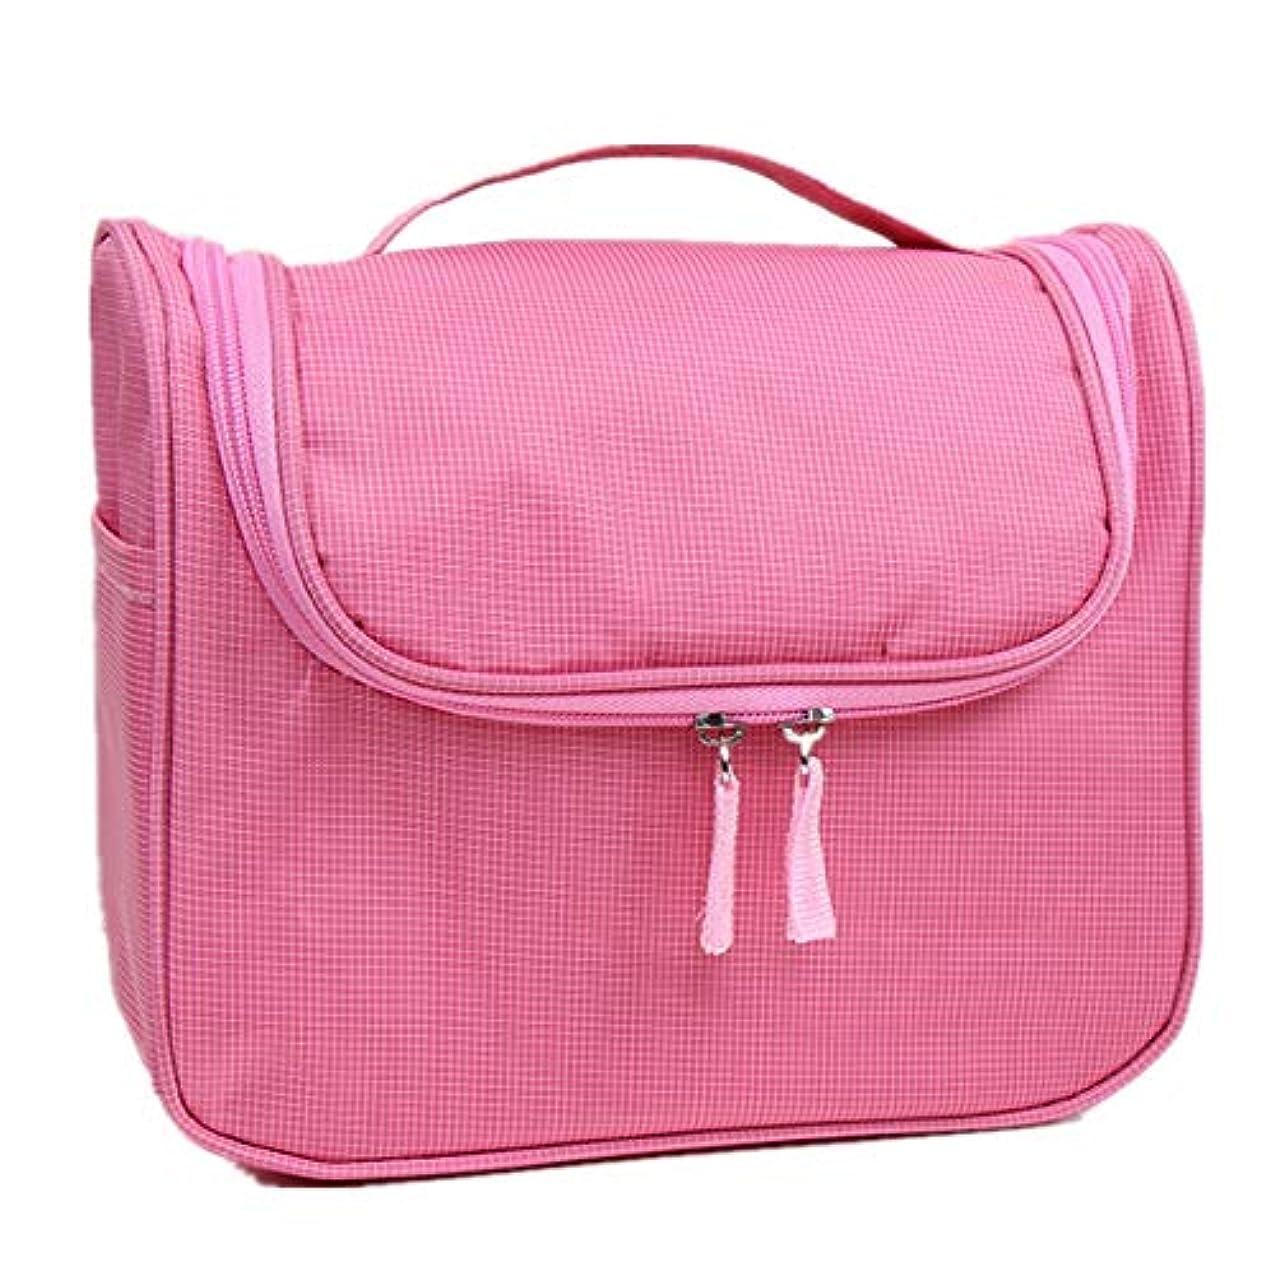 ユーザータンパク質出血特大スペース収納ビューティーボックス 携帯用化粧の電車の箱美のためのそして女の子のための女性旅行および錠および折る皿が付いているアルミニウムフレームが付いている毎日の貯蔵 化粧品化粧台 (色 : ピンク)